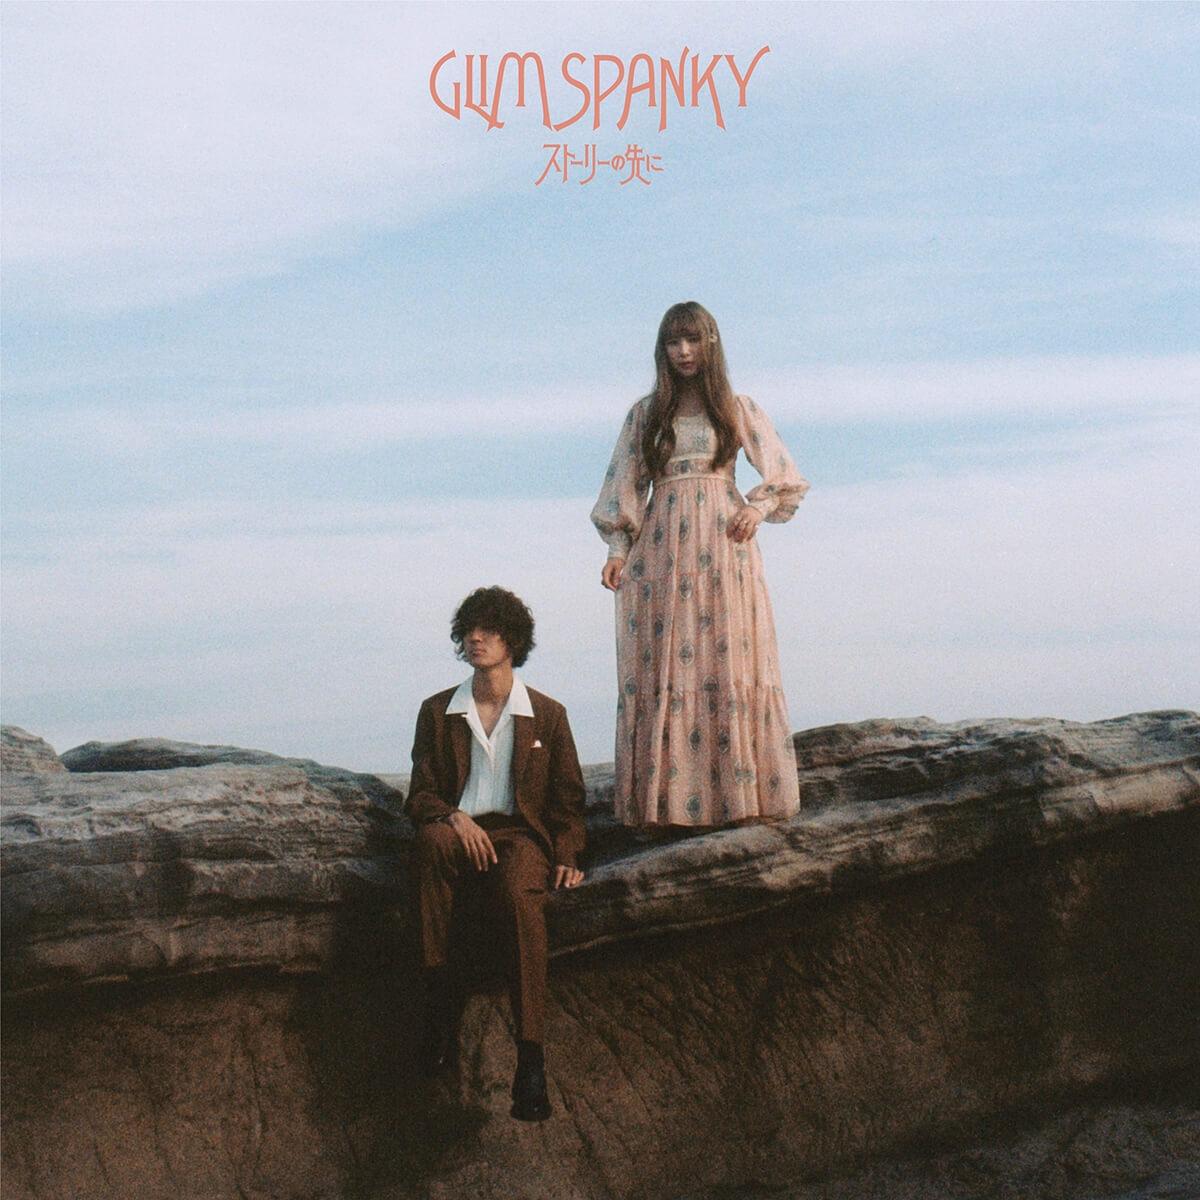 GLIM SPANKY、11月20日シングル「ストーリーの先に」発売&リリース当日フルバンドライブ配信決定